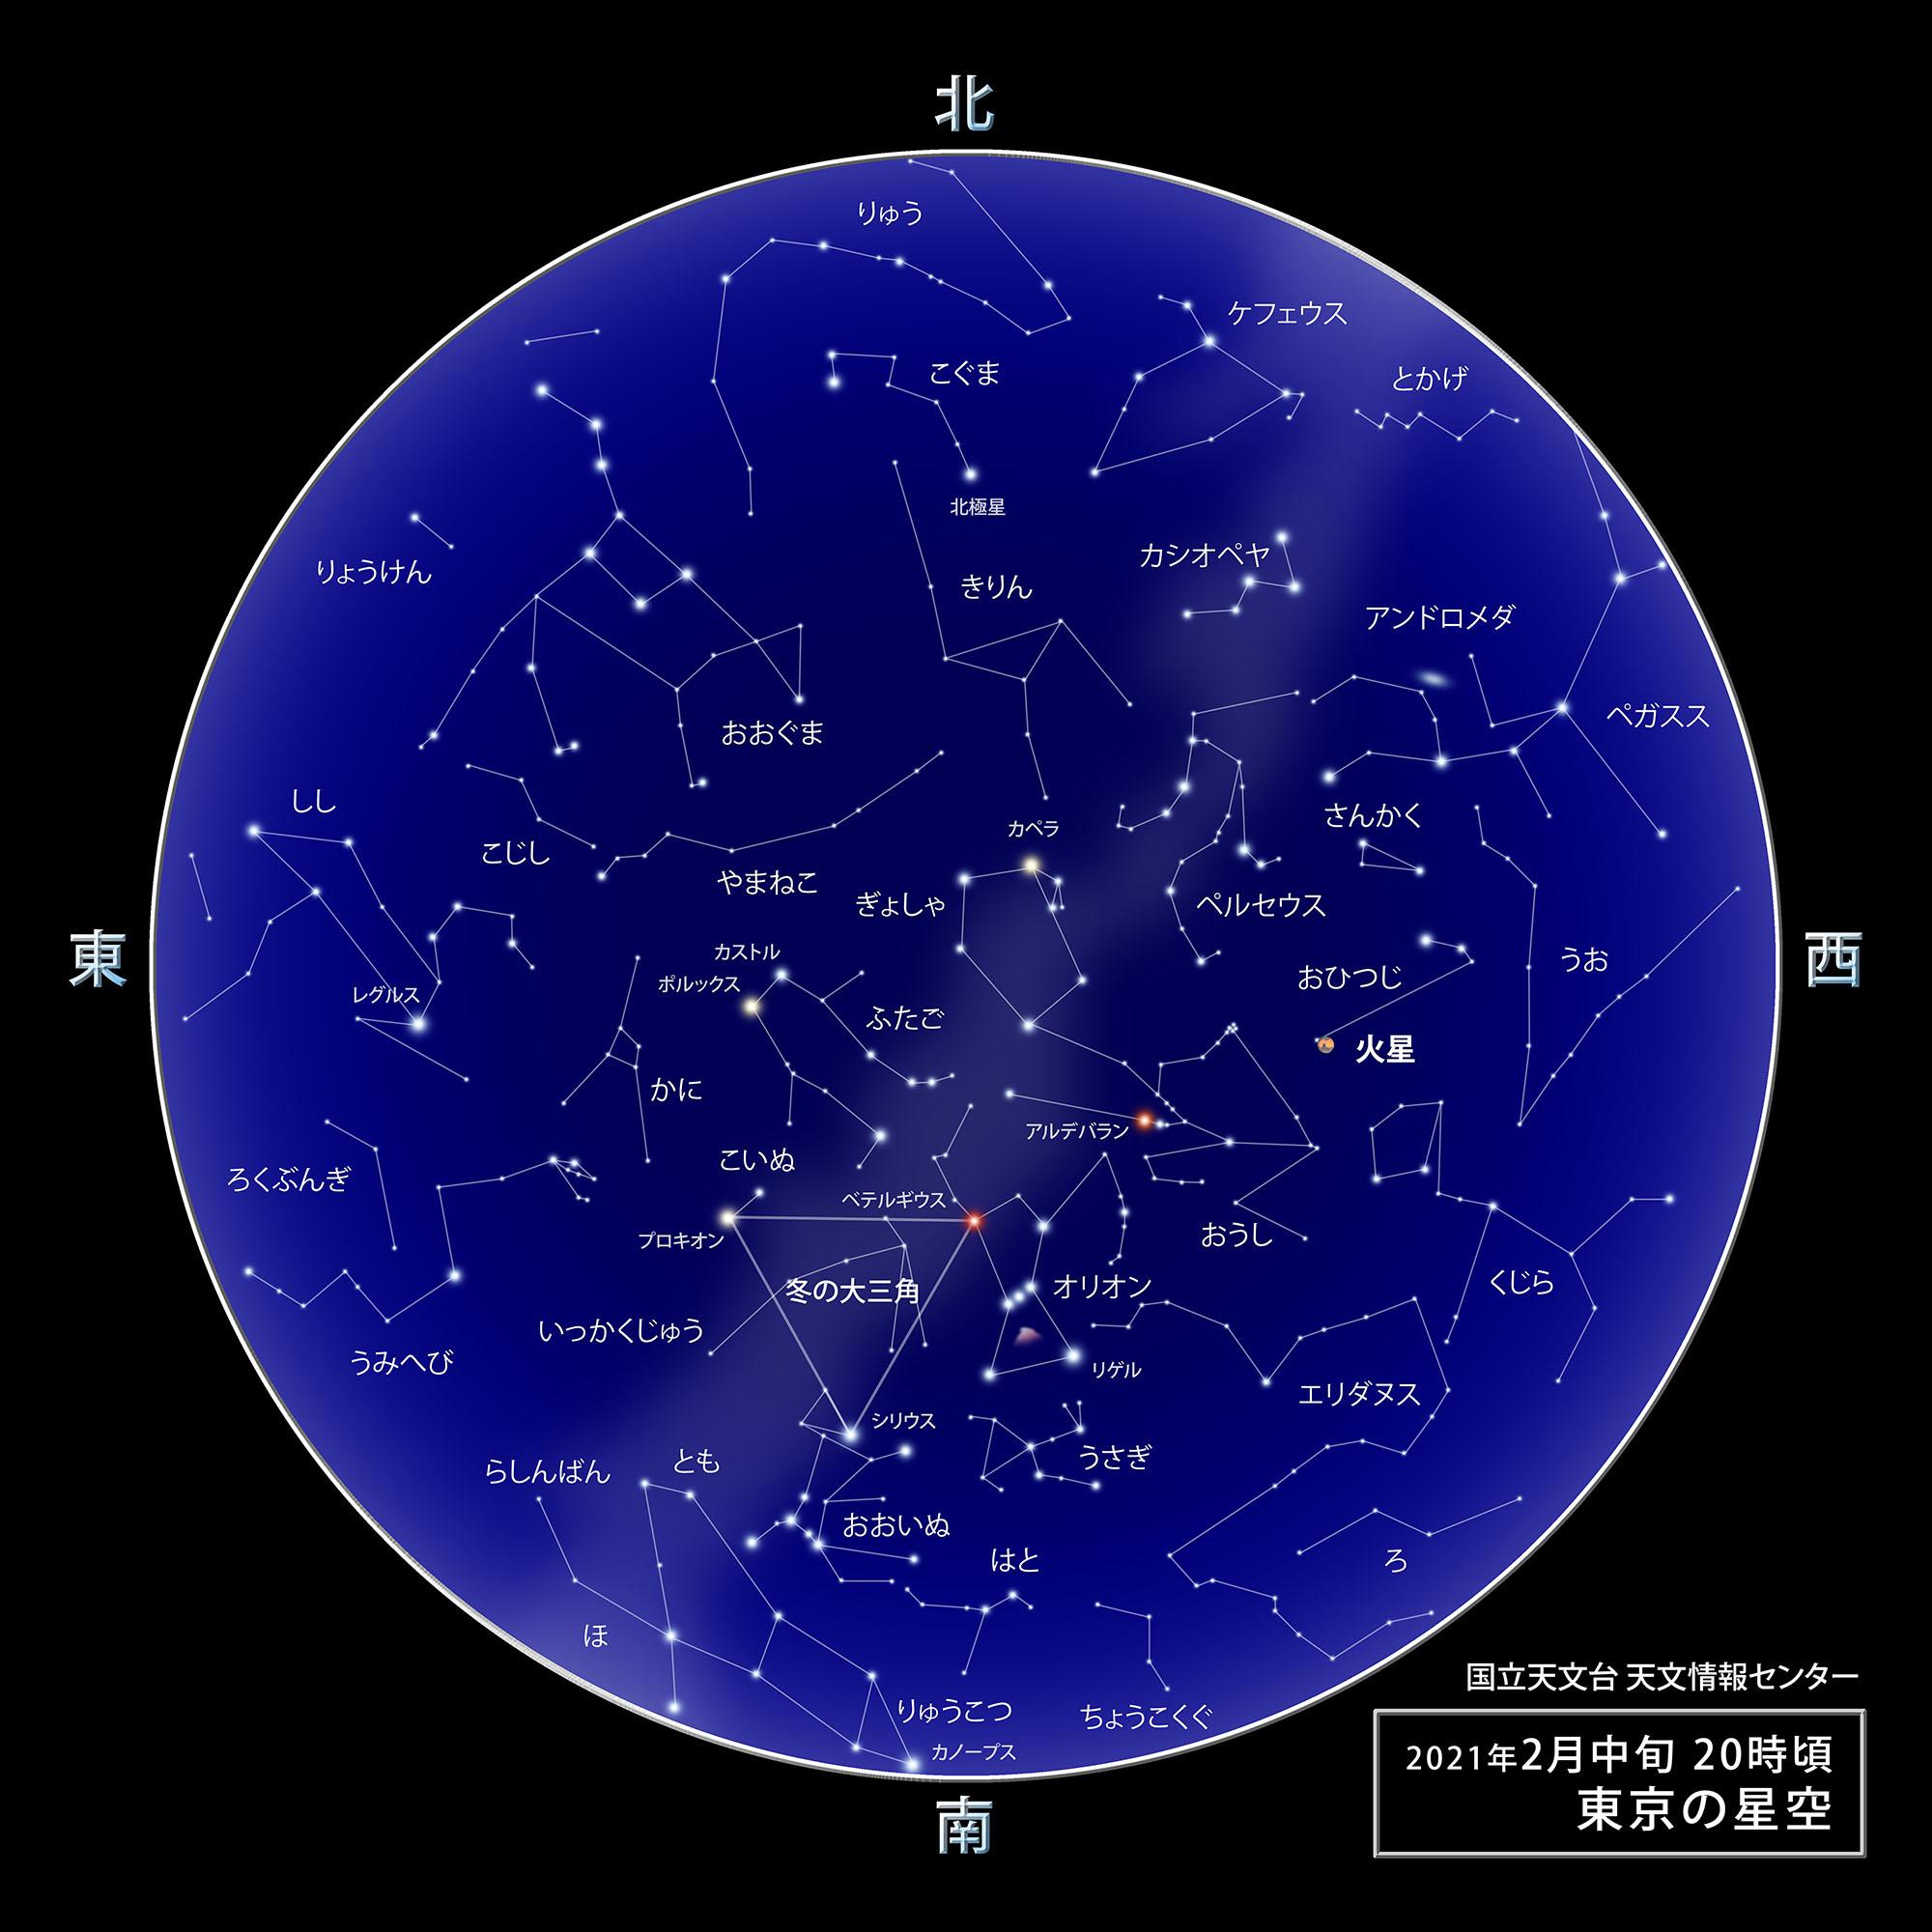 東京の星空・カレンダー・惑星(2021年2月) | 国立天文台(NAOJ)